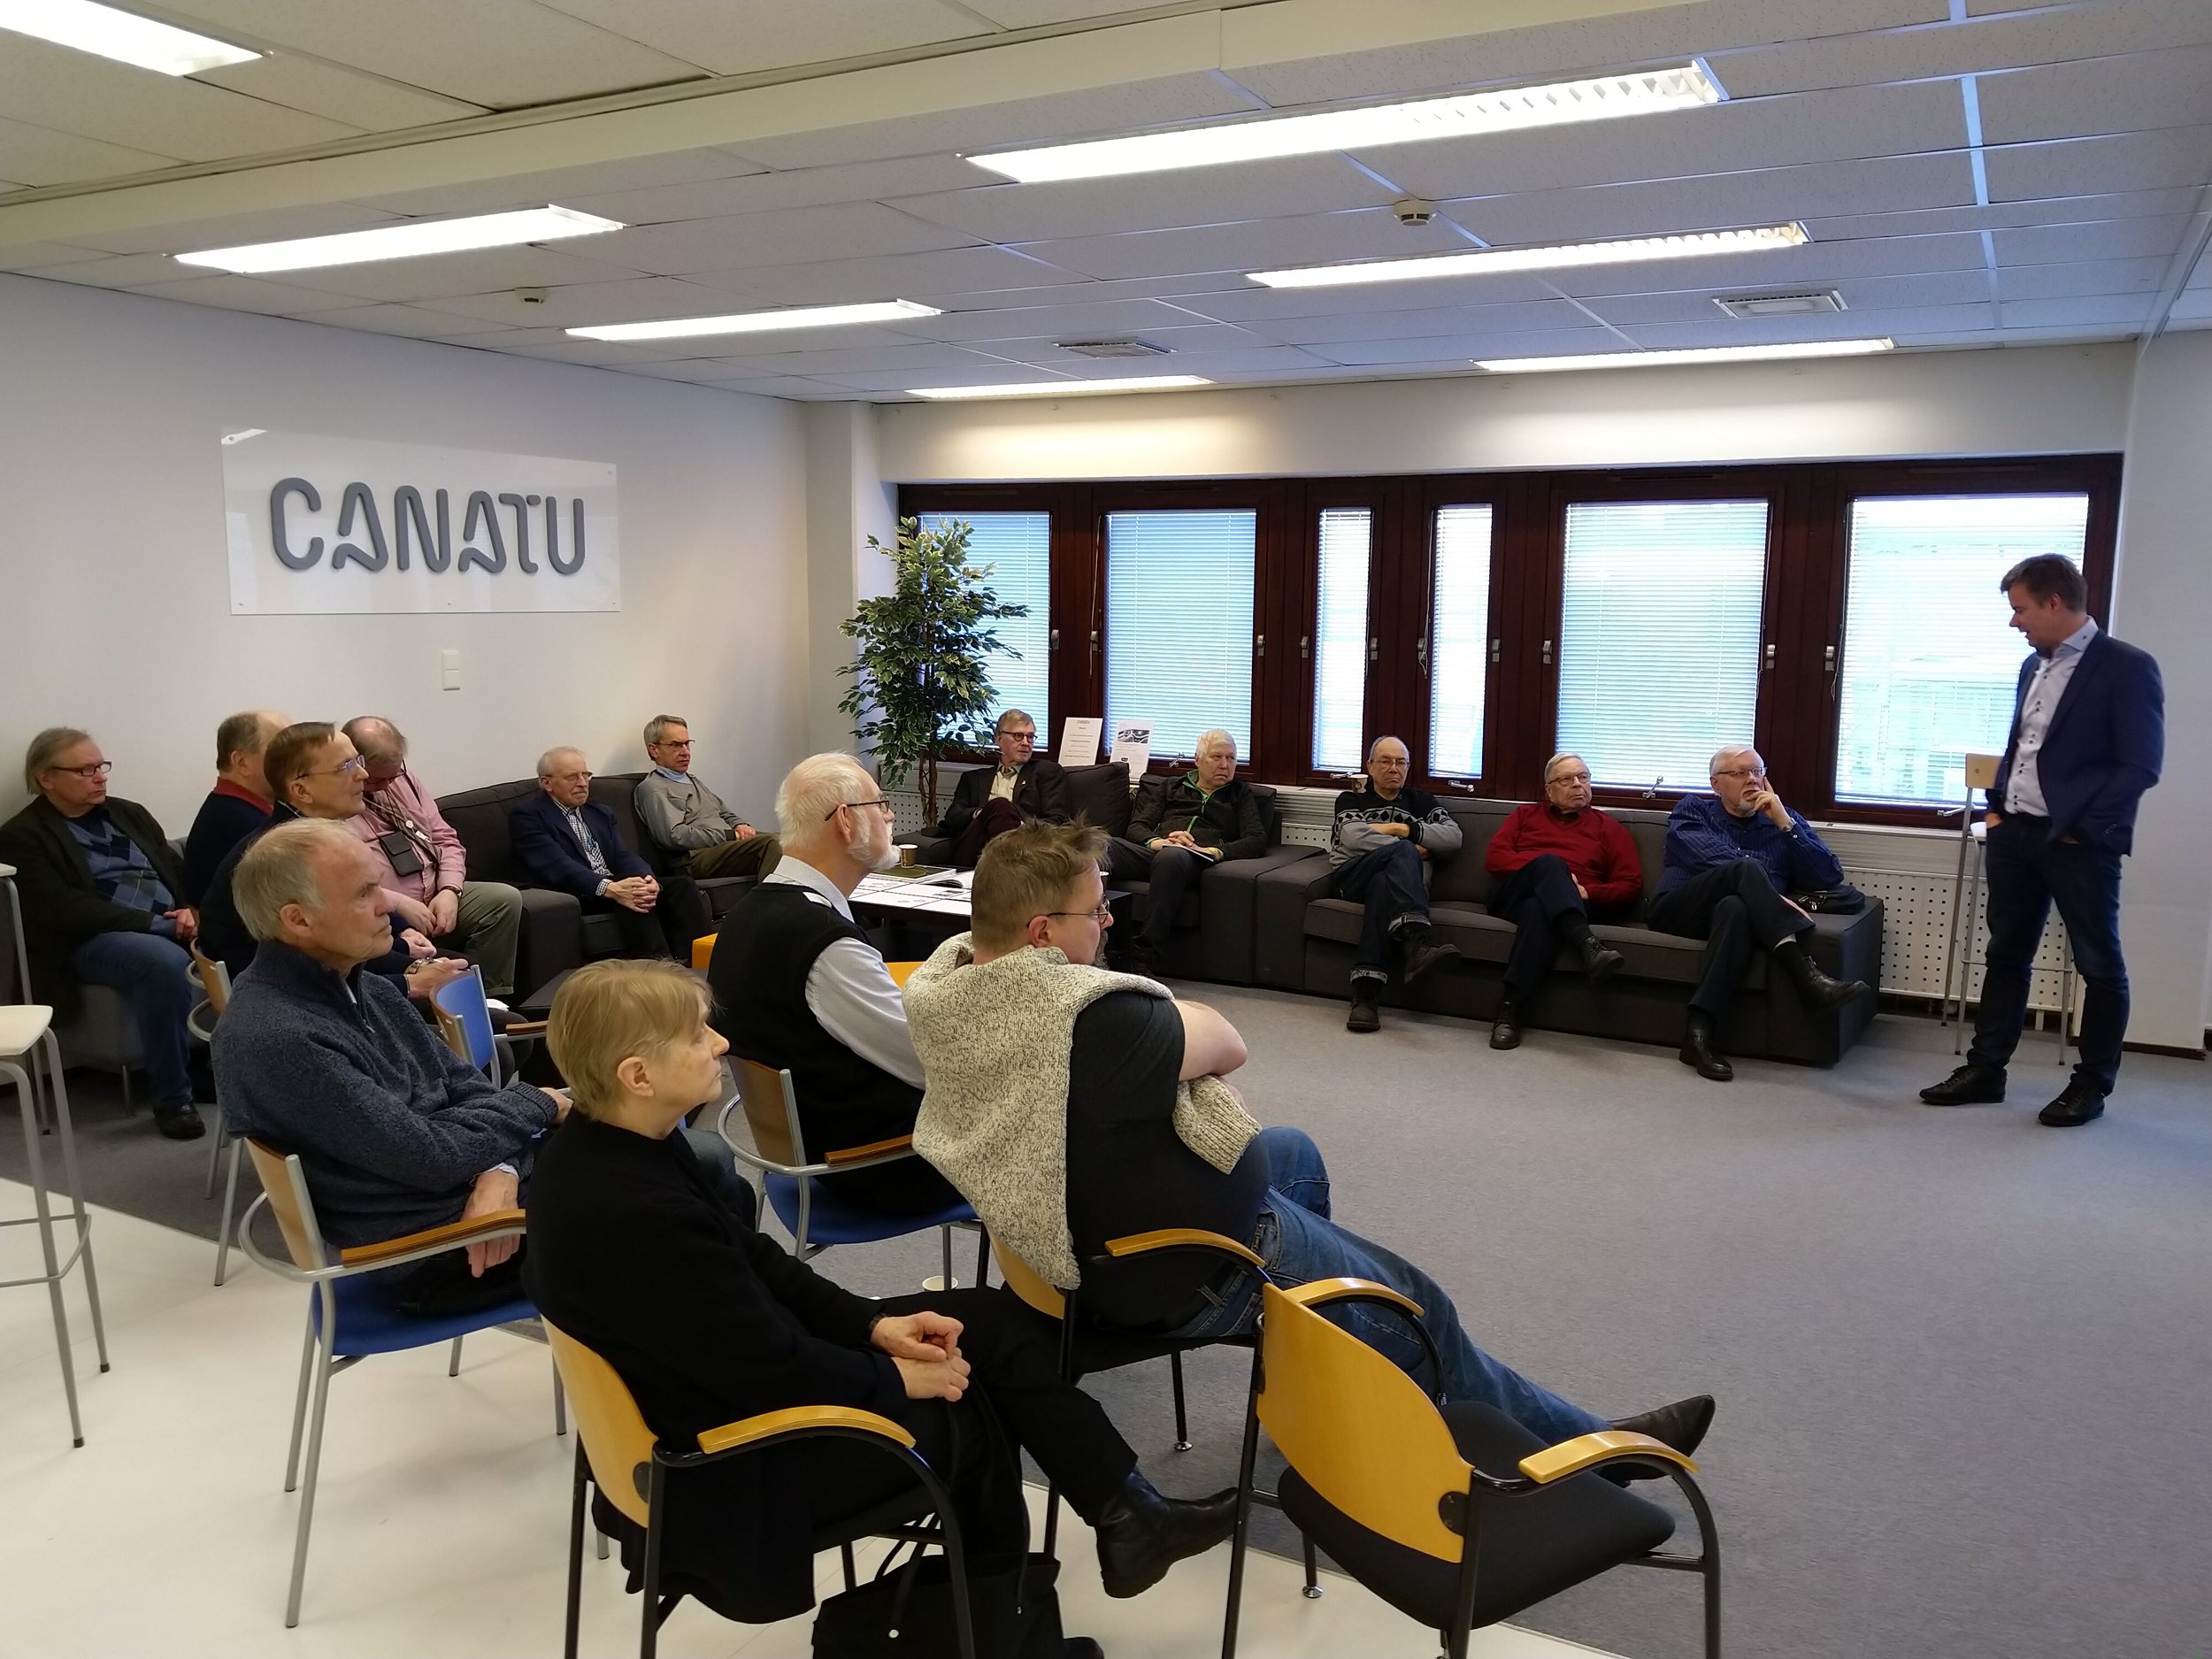 Toimitusjohtaja Juha Kokkonen avaa Canatun ekskursiotilaisuuden - TiES:sin vierailijat Canatulla